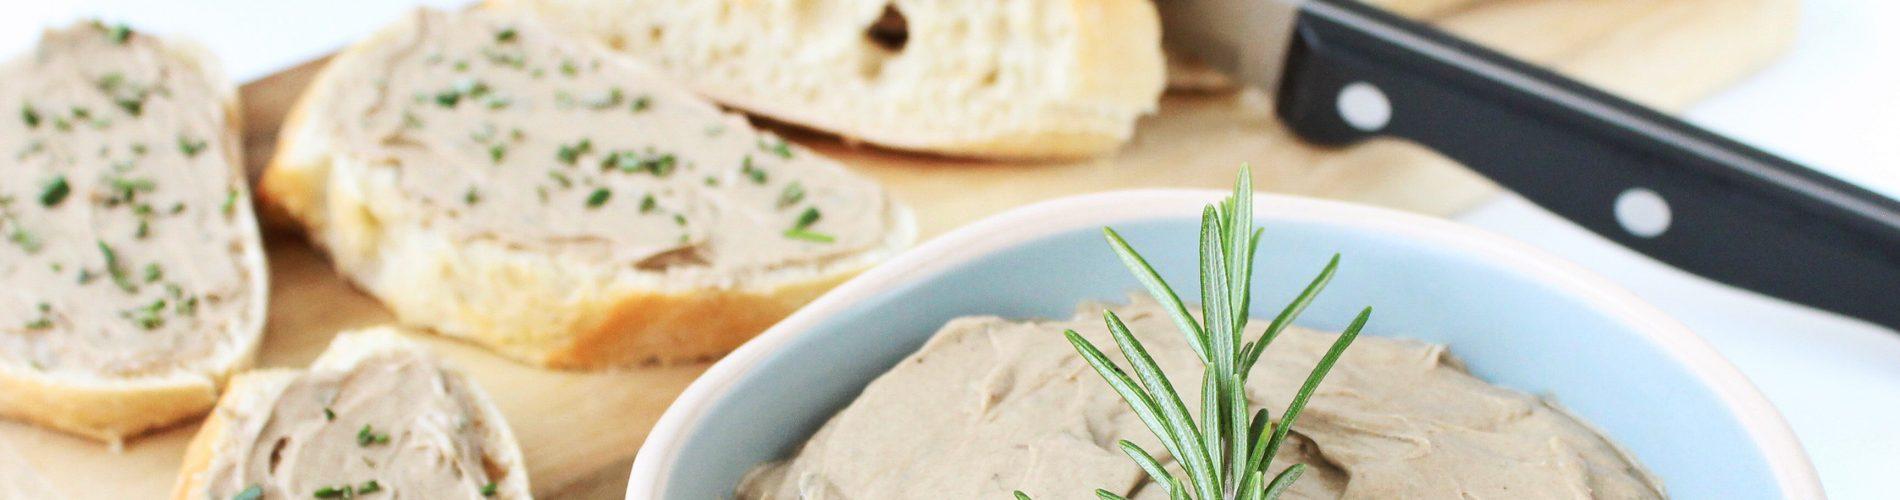 Hartige hapjes | zwarte knoflook rozemarijn boter